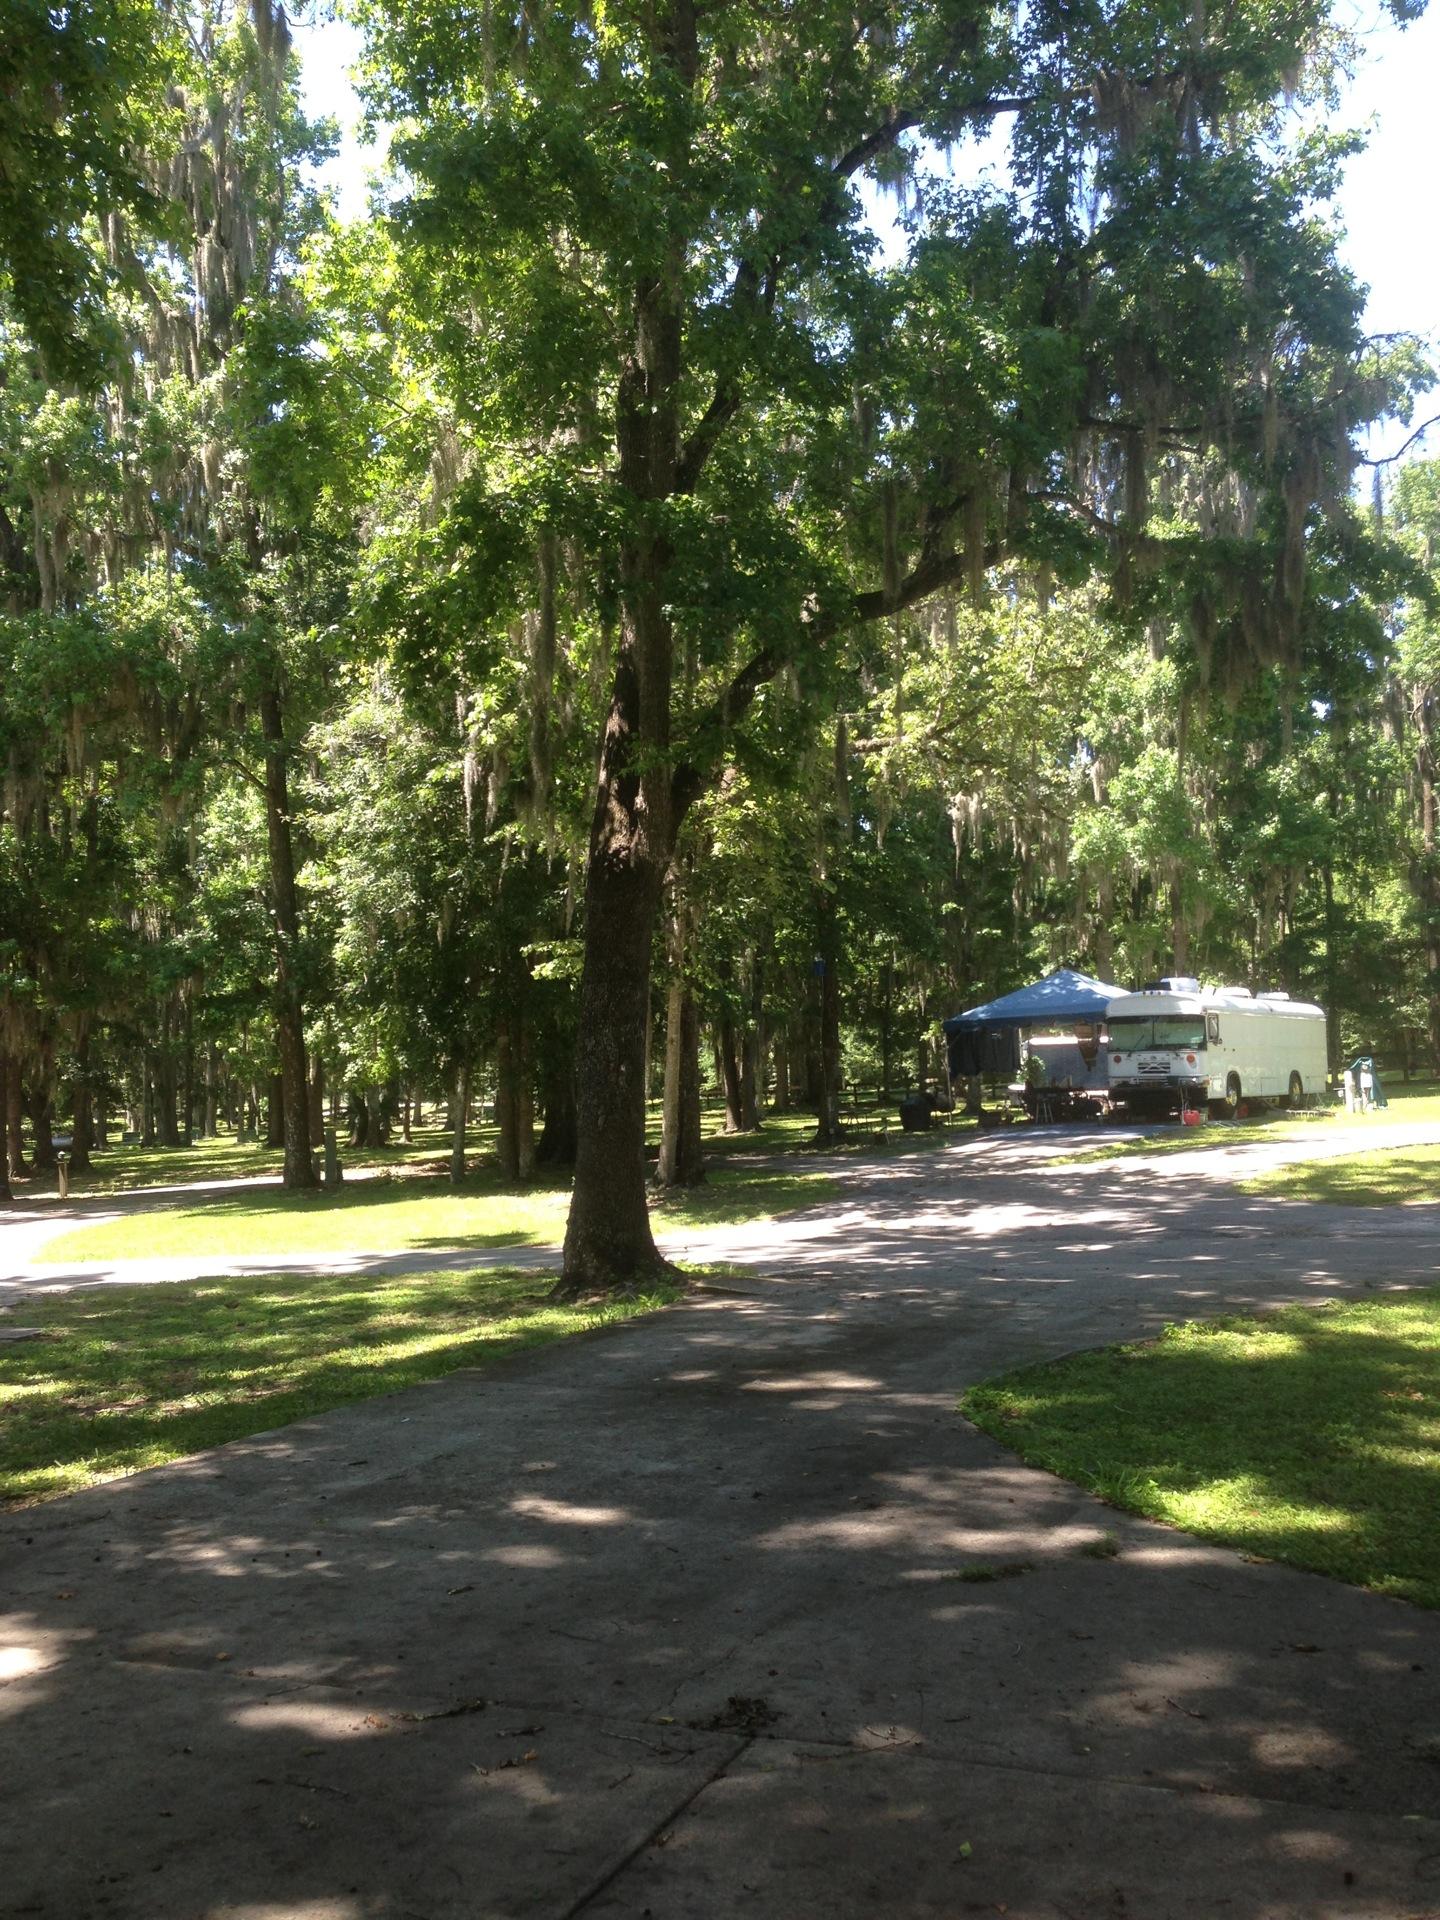 Reddick Rv Parks Reviews And Photos Rvparking Com